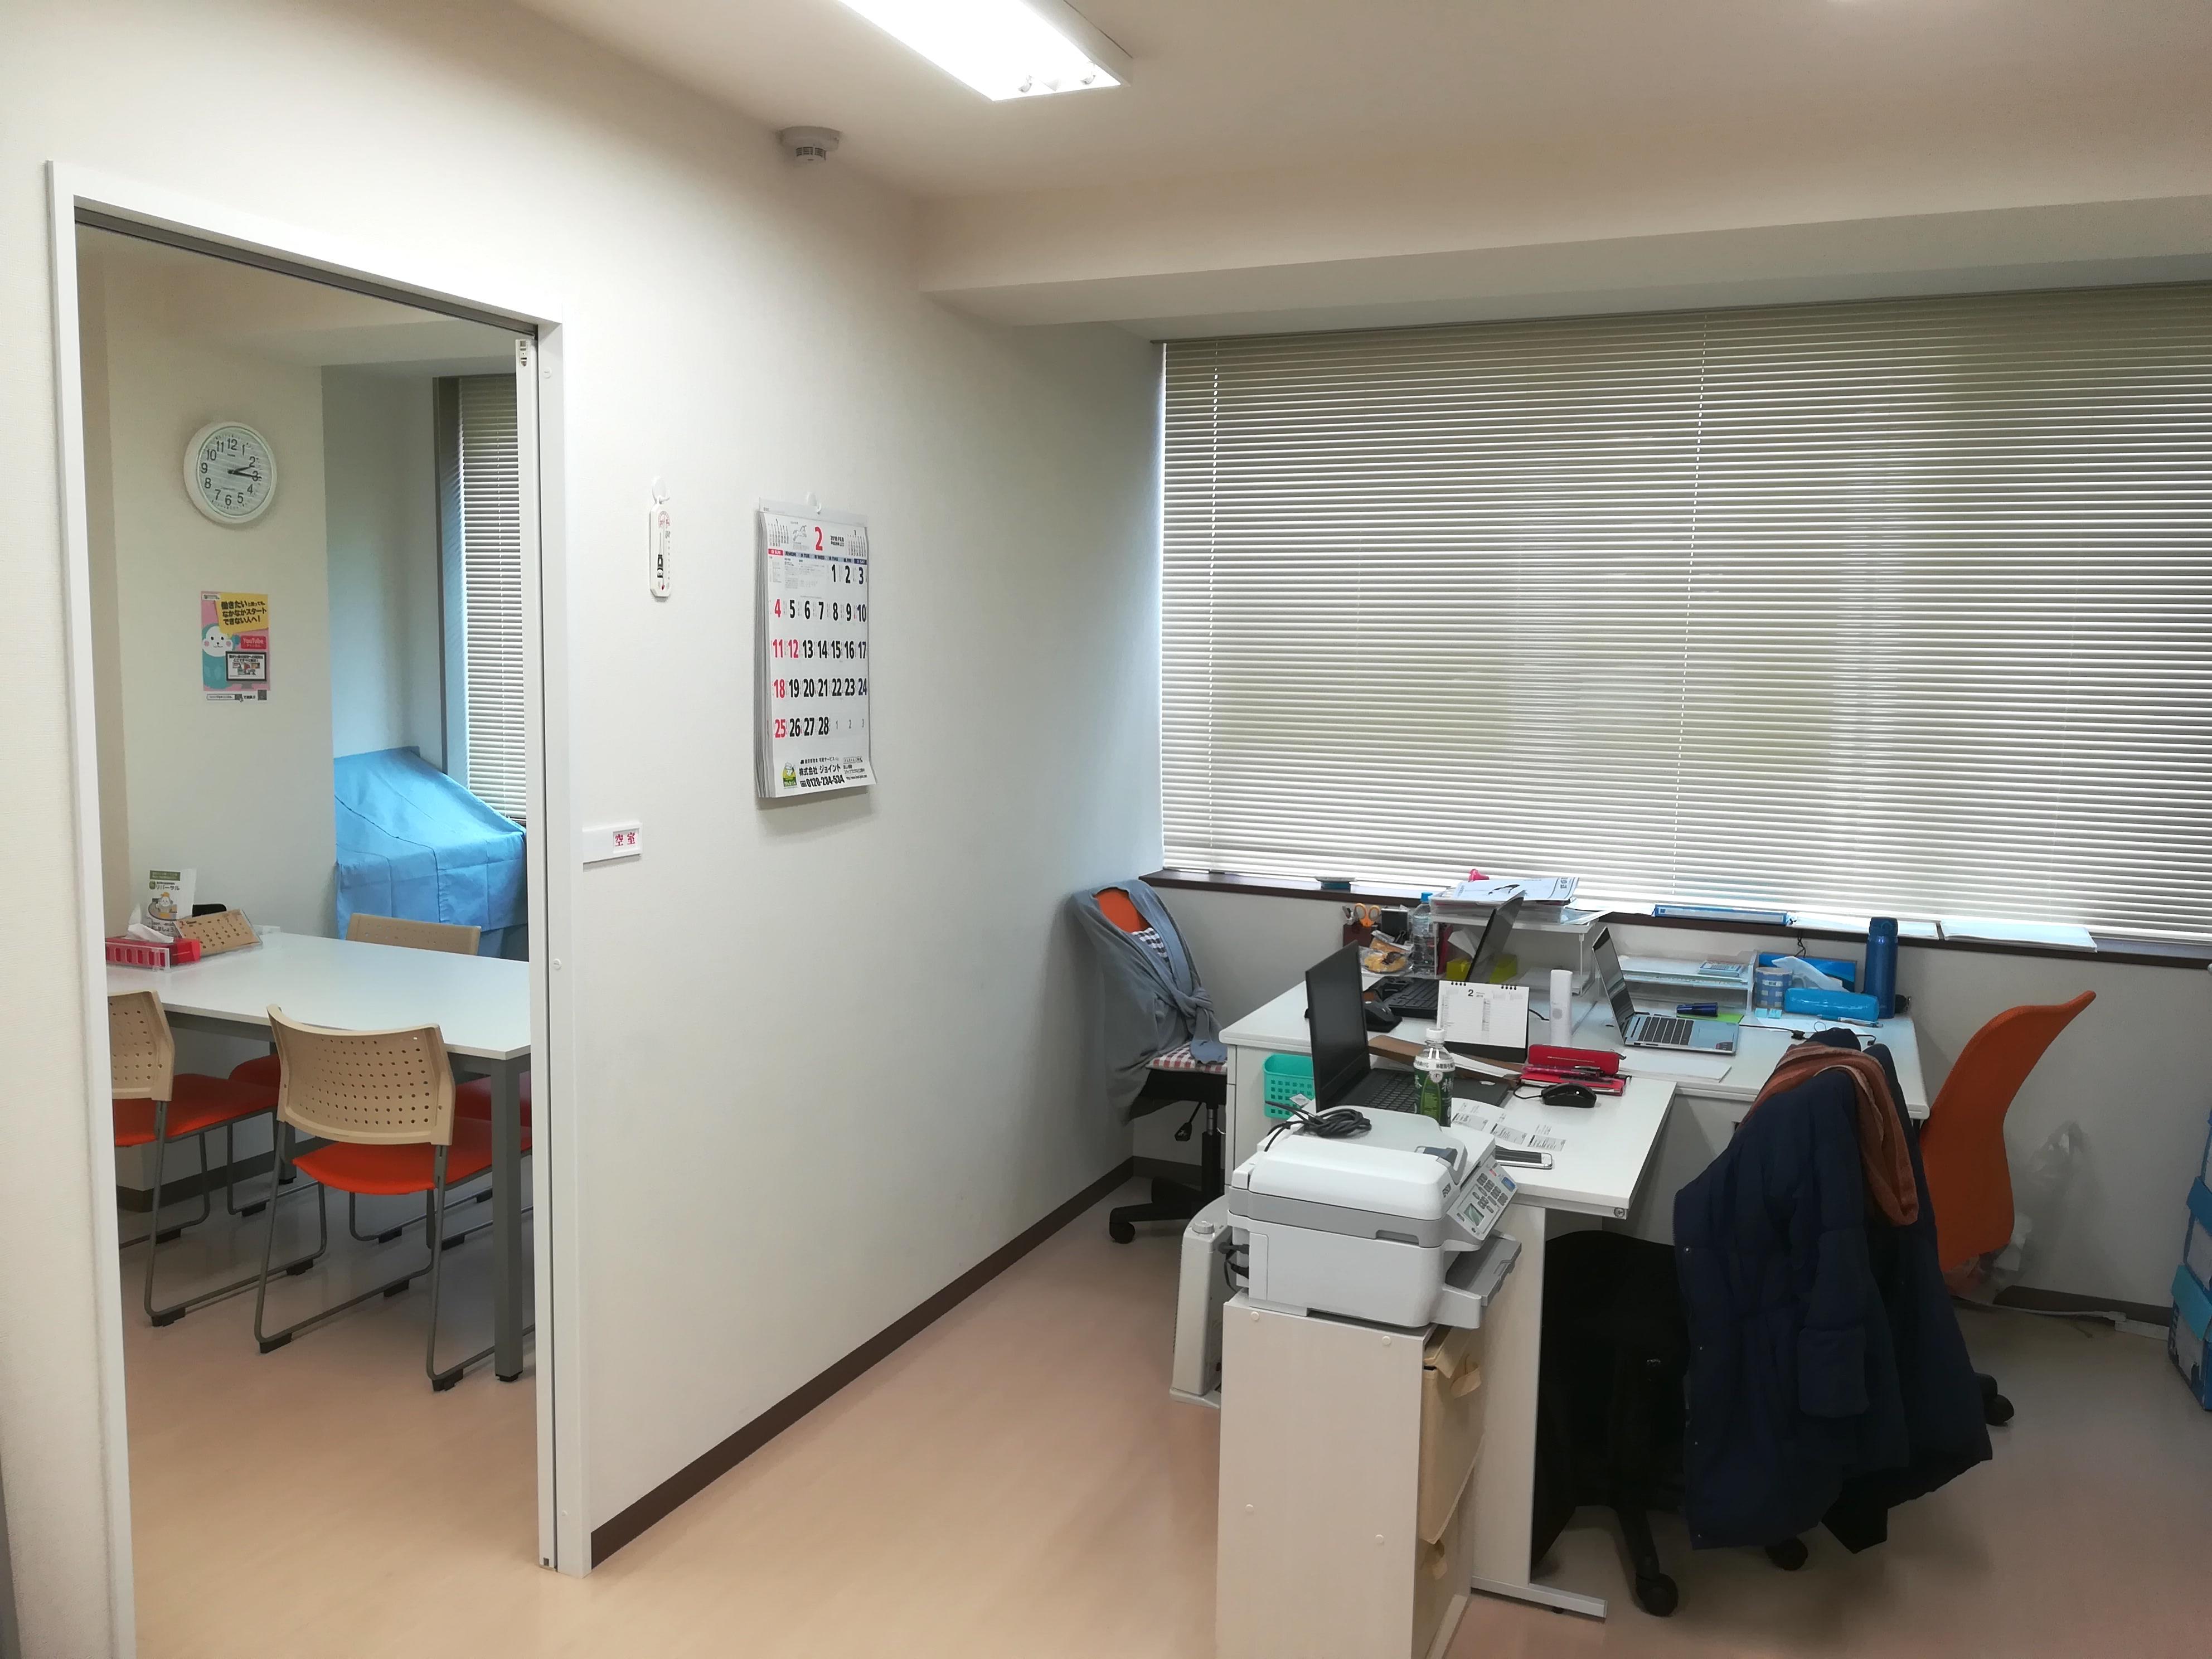 就労移行支援事業所リバーサル 本八幡の面談室